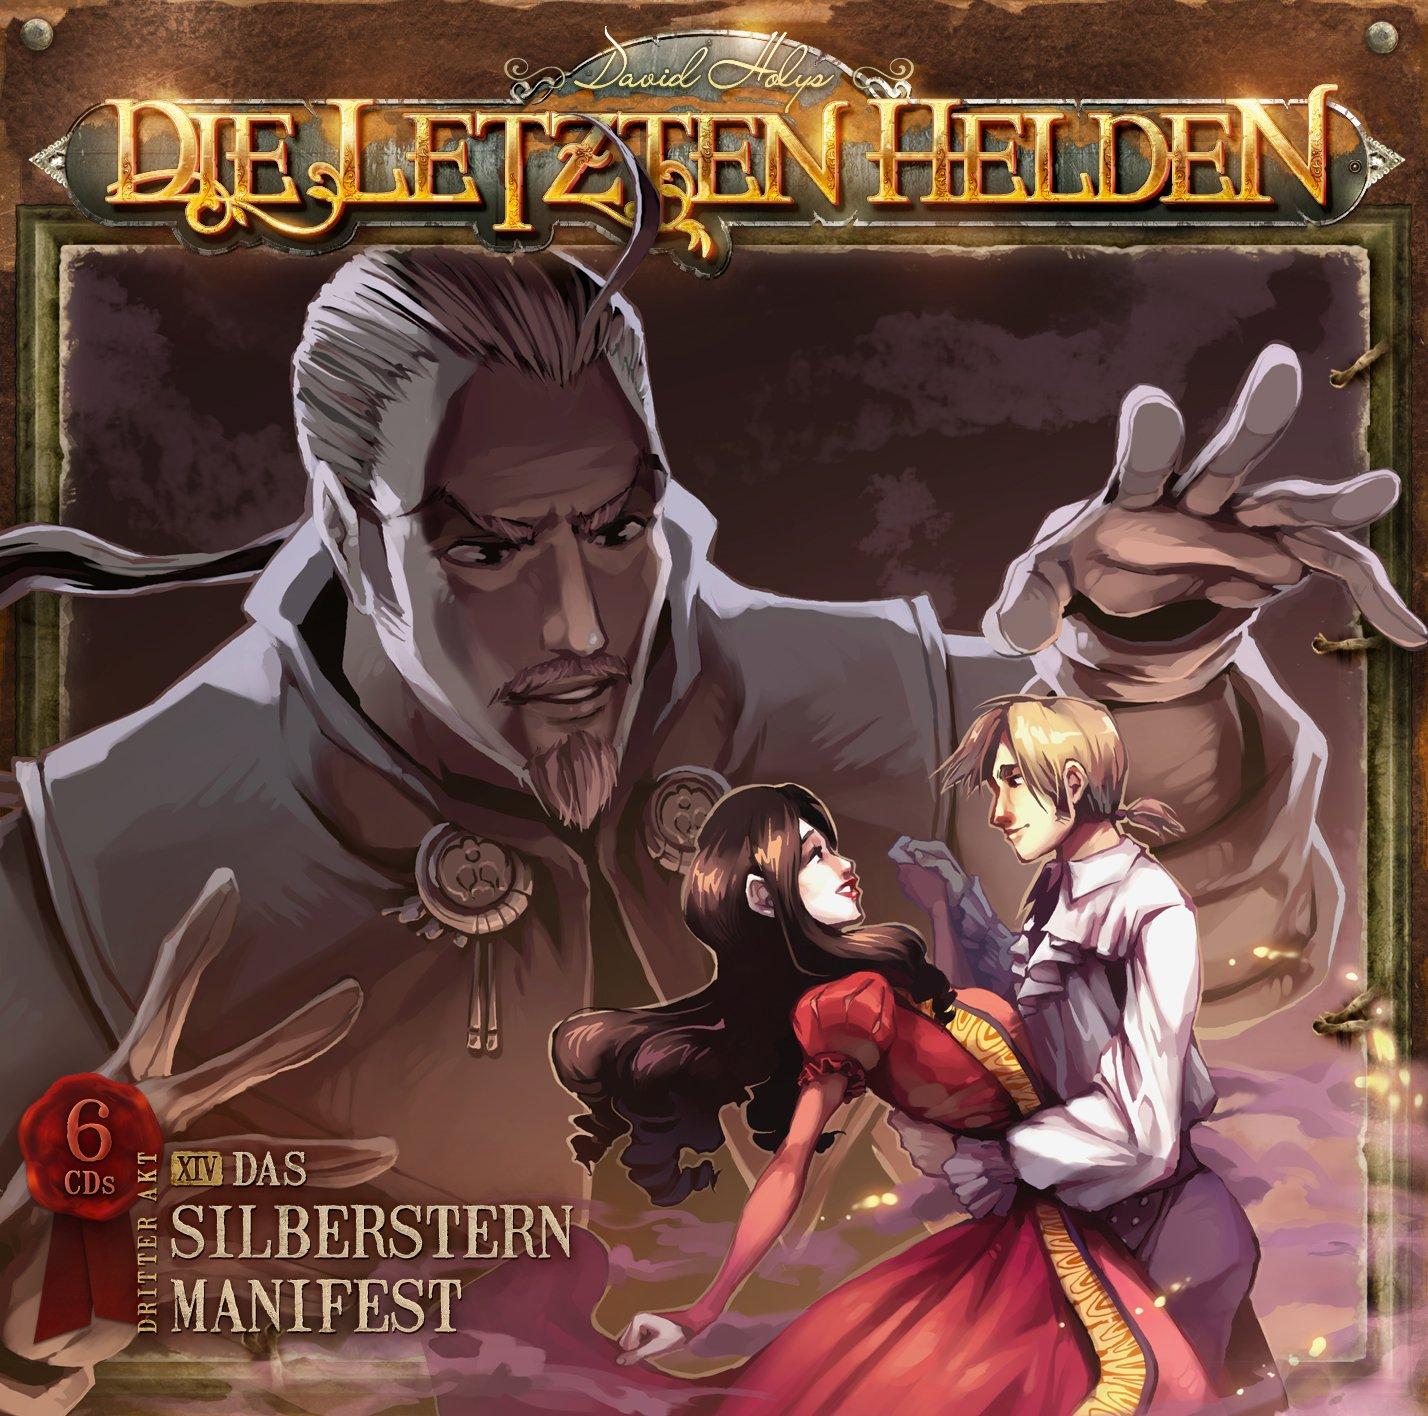 Die letzten Helden (14) Das Silberstern Manifest (Holysoft)